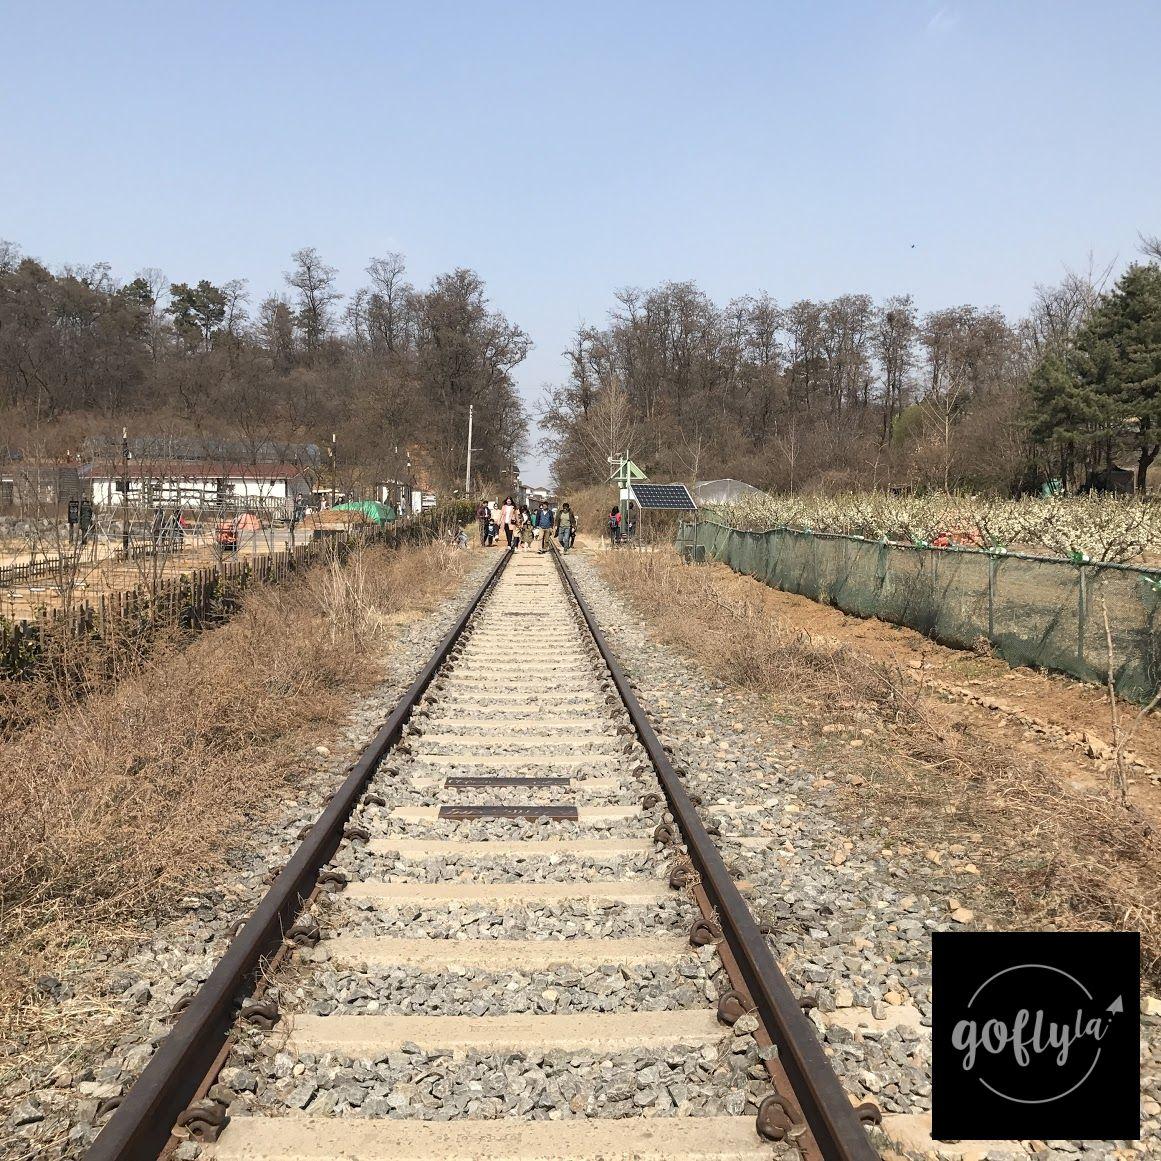 首爾自由行必去打卡位-首爾自由行-韓國自由行-韓國旅遊-首爾景點